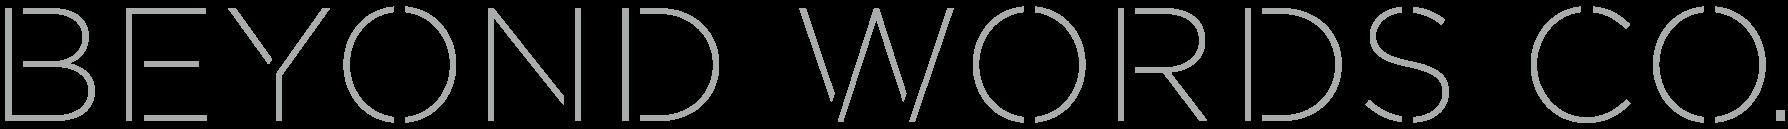 beyond-words-horizontal-logo.png